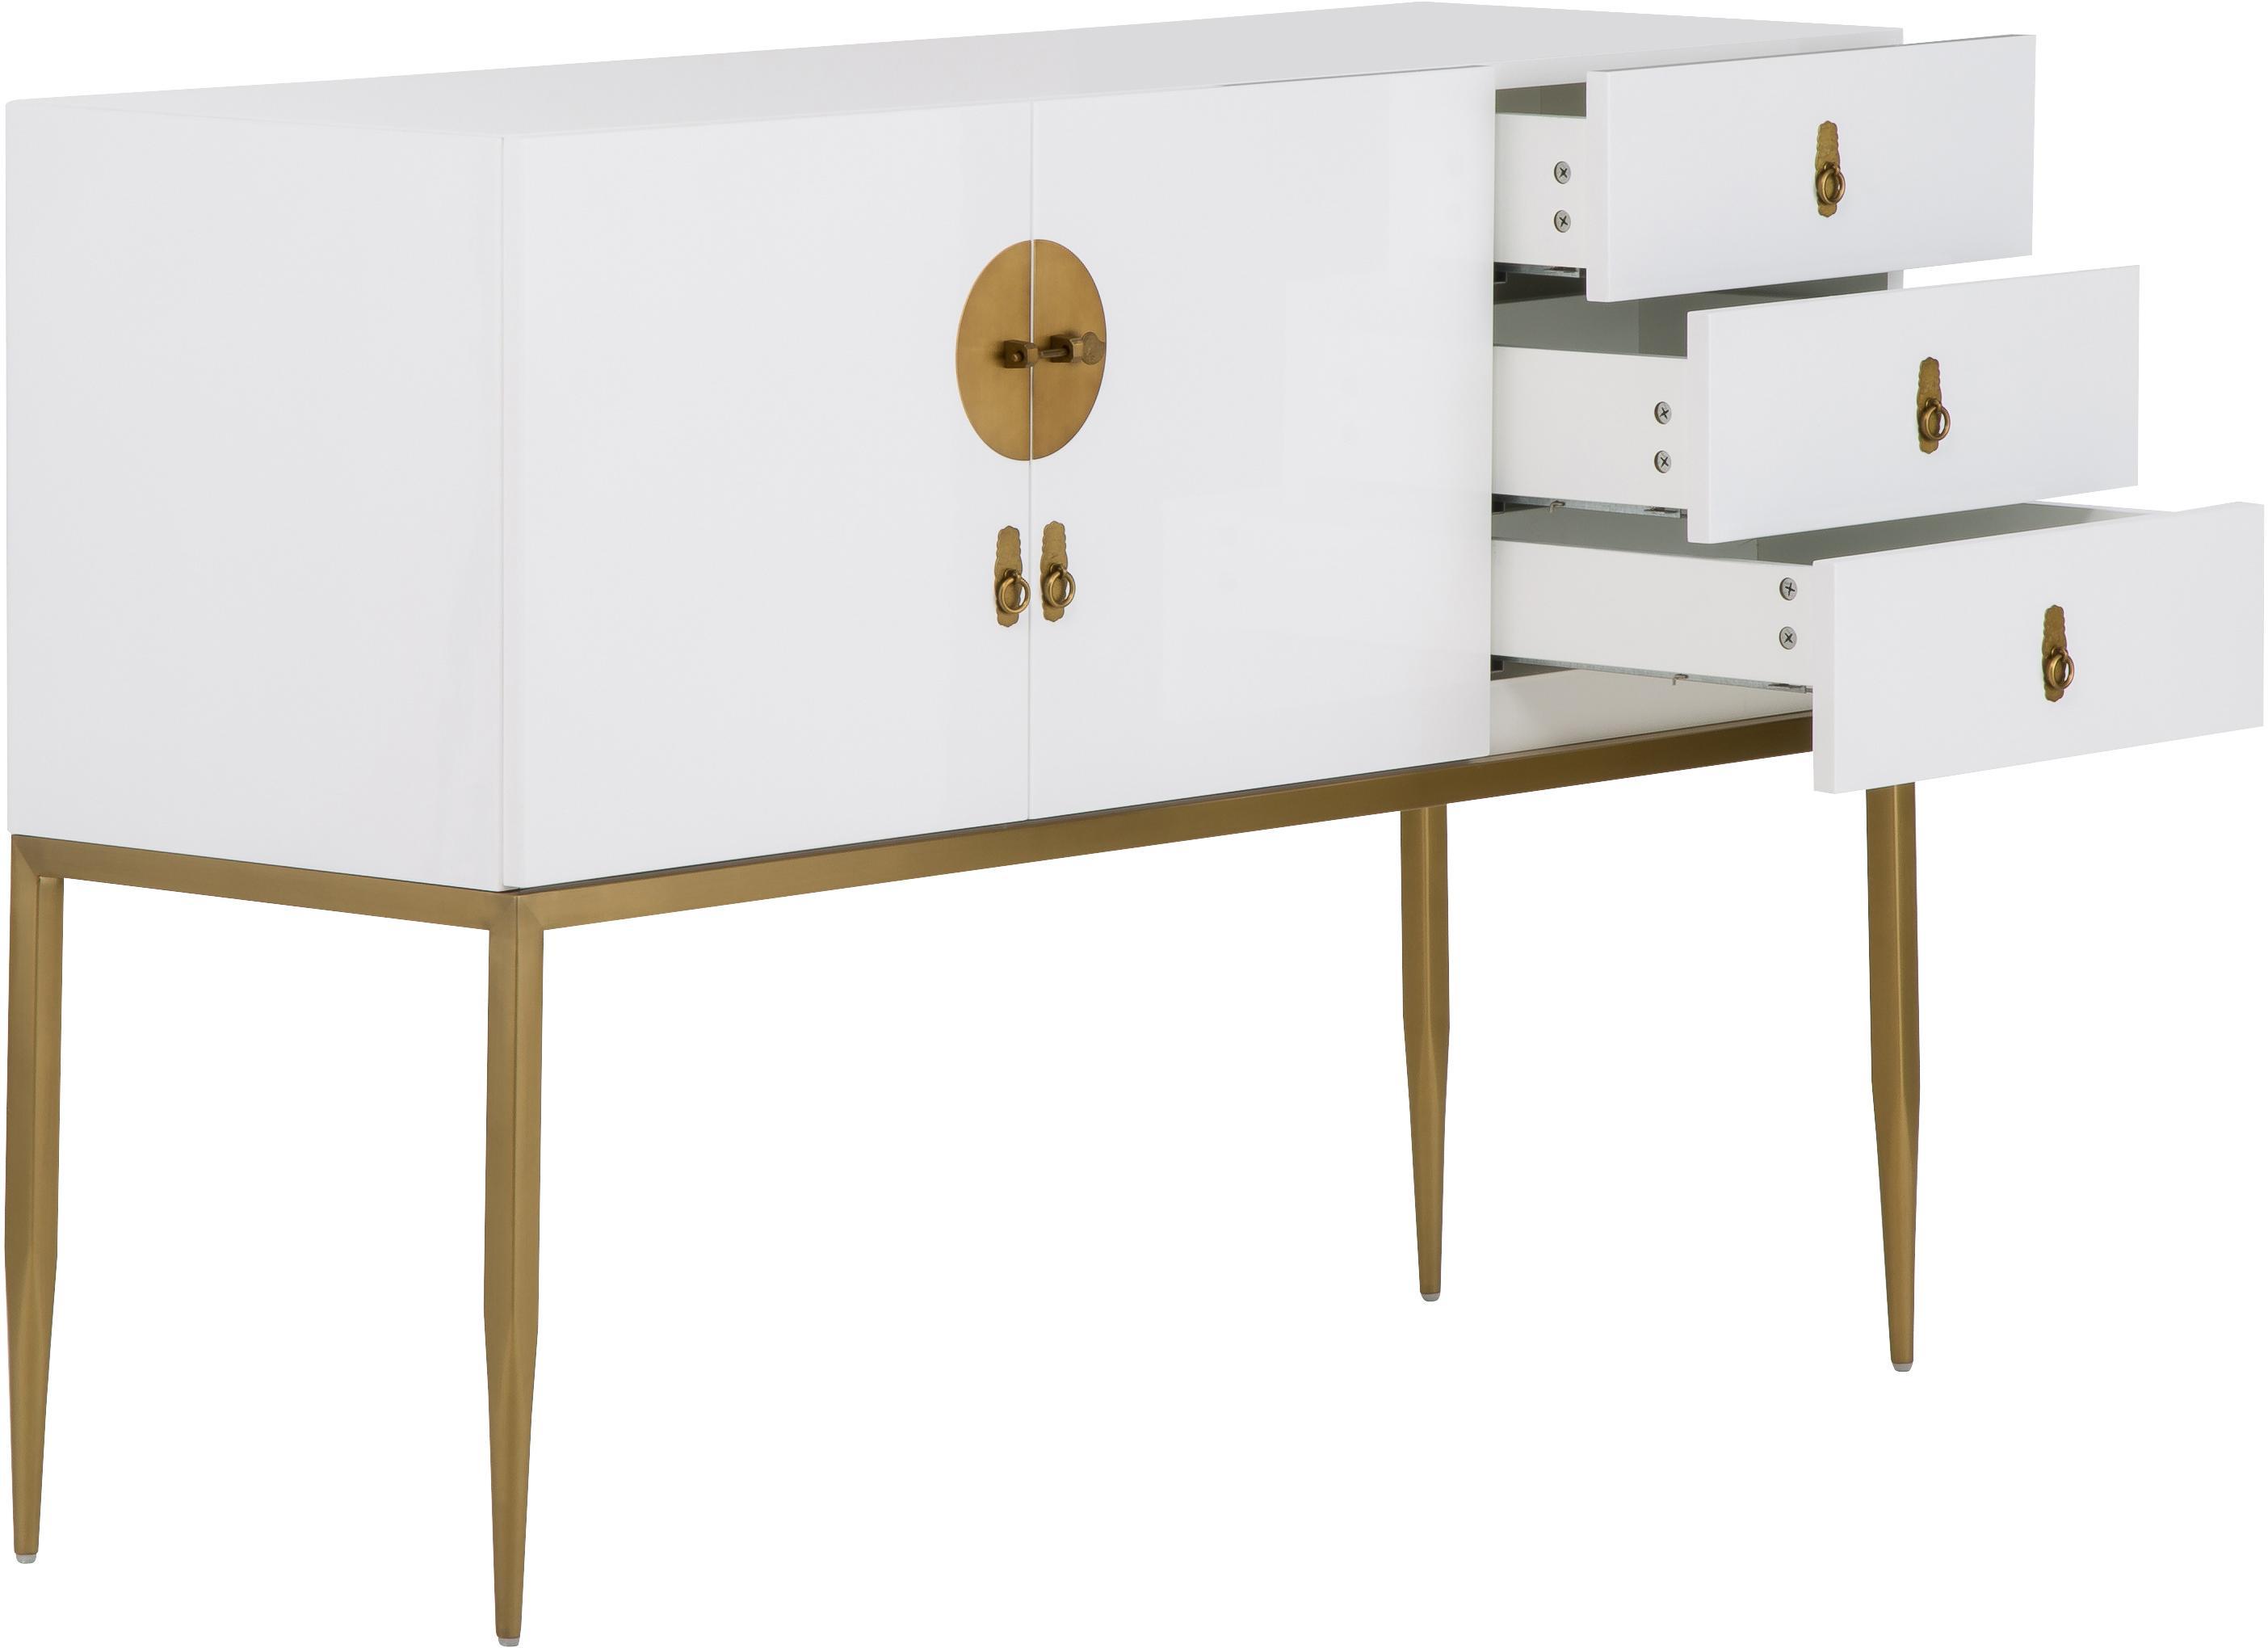 Sideboard Classy in Weiß Hochglanz, Korpus: Mitteldichte Holzfaserpla, Korpus: Weiß, hochglänzendBeschläge und Beine: Goldfarben, 135 x 92 cm